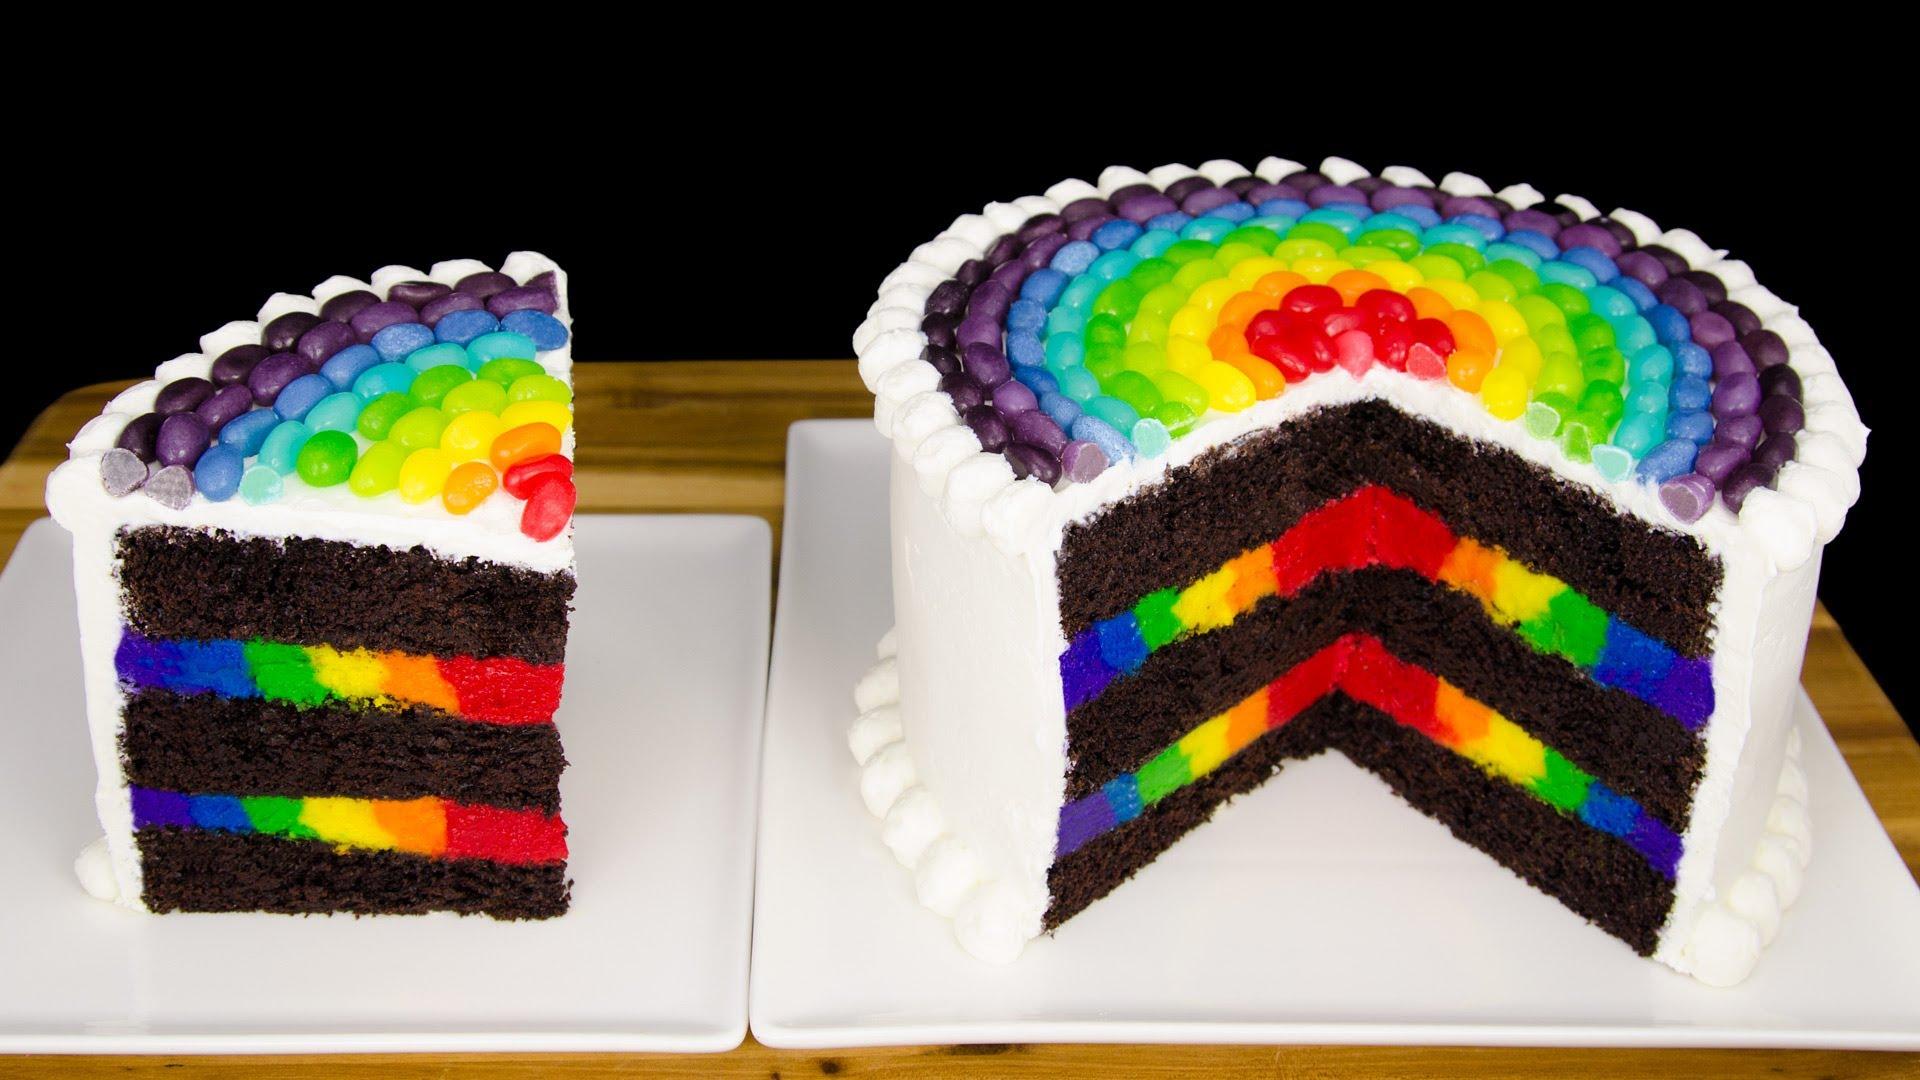 13 Rainbow Birthday Cakes Cupcakes And Cardio Photo Rainbow Cake